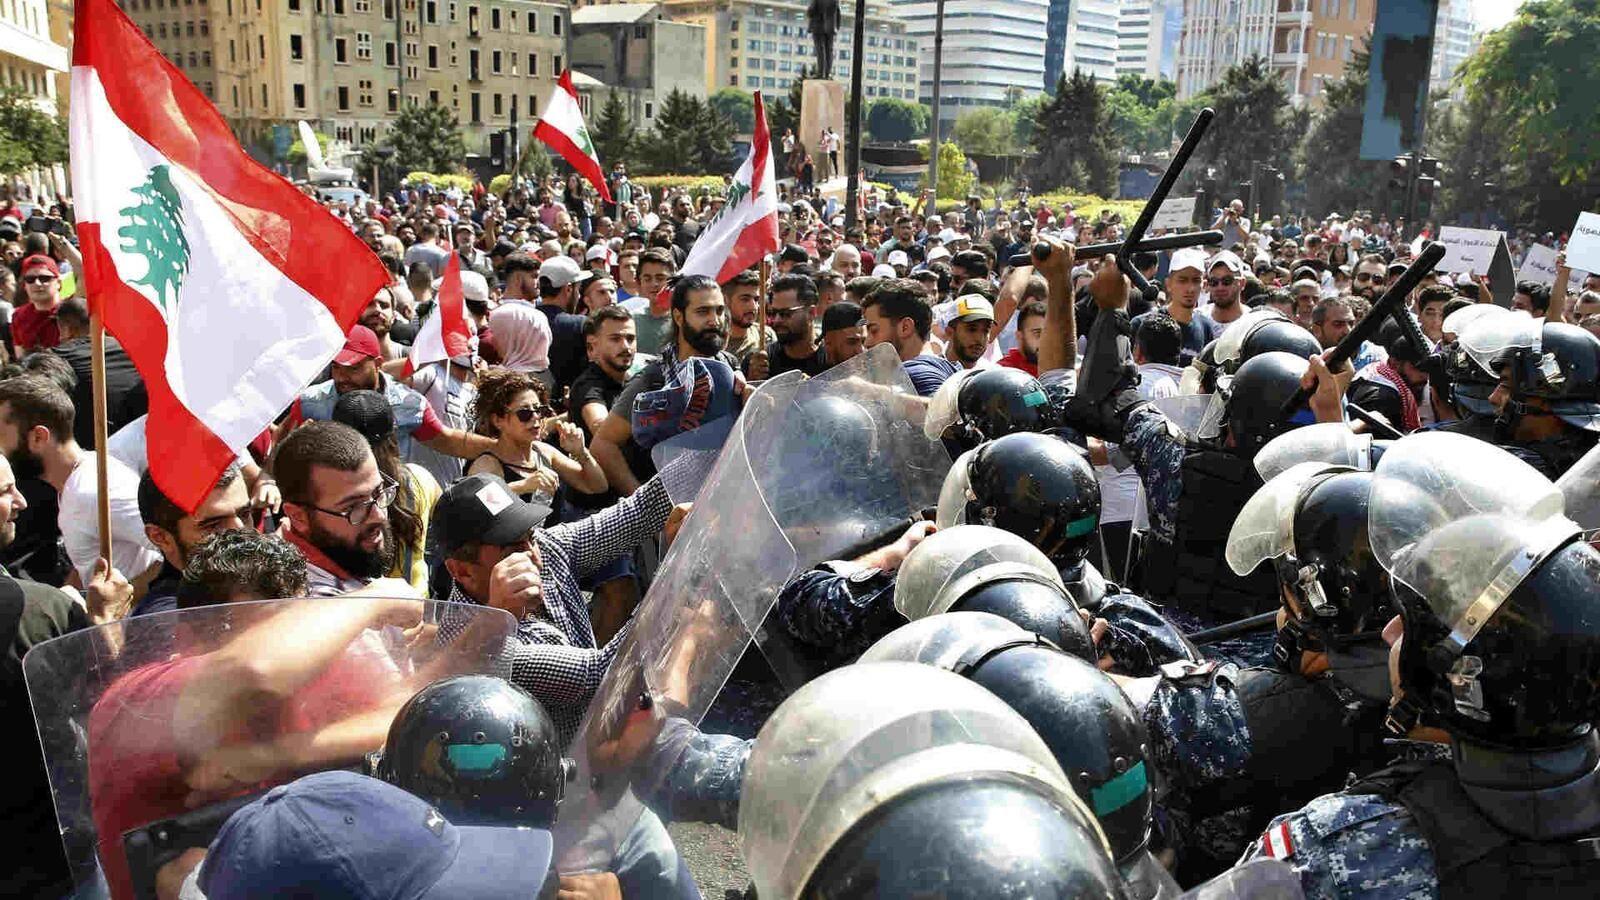 التظاهر وقطع الطرق يتواصل اليوم الجمعة بمختلف المناطق اللبنانية رفضا لفرض ضرائب جديدة